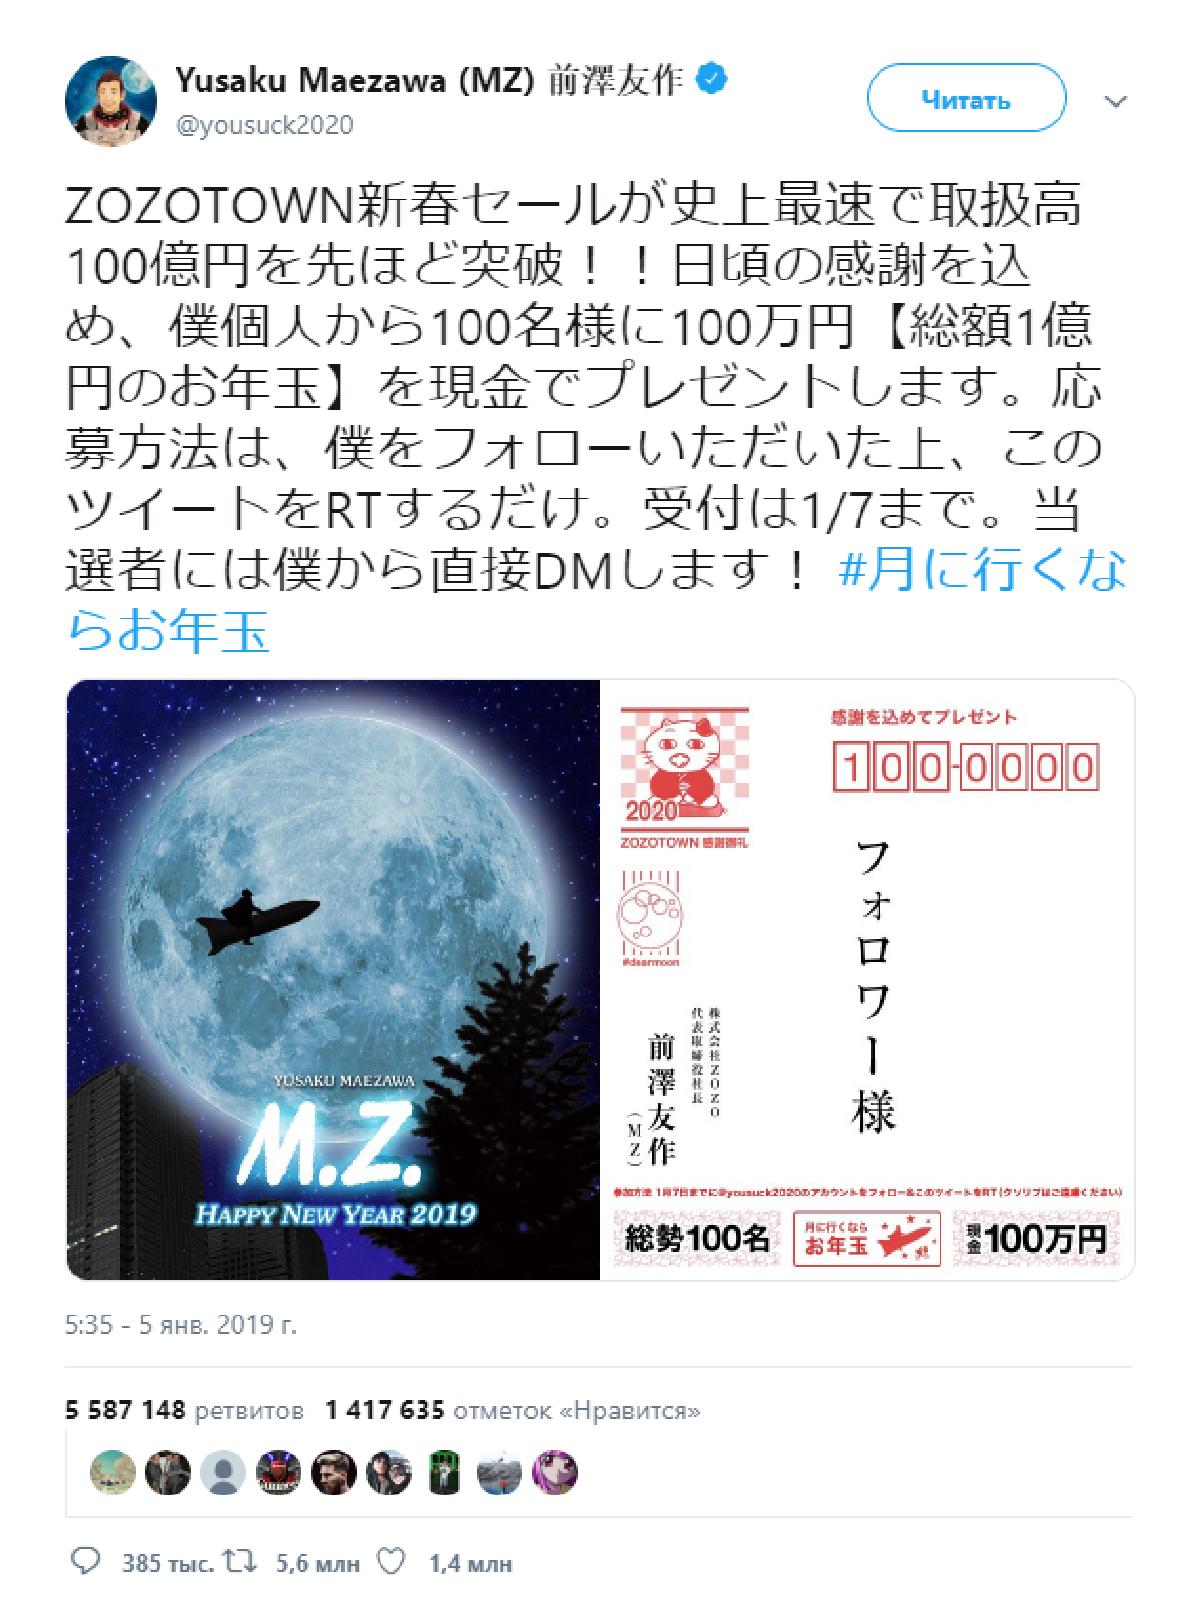 Сообщение японского миллиардера Юсаку Маедзавы в Twitter побило рекорд по количеству ретвитов в истории соцсети